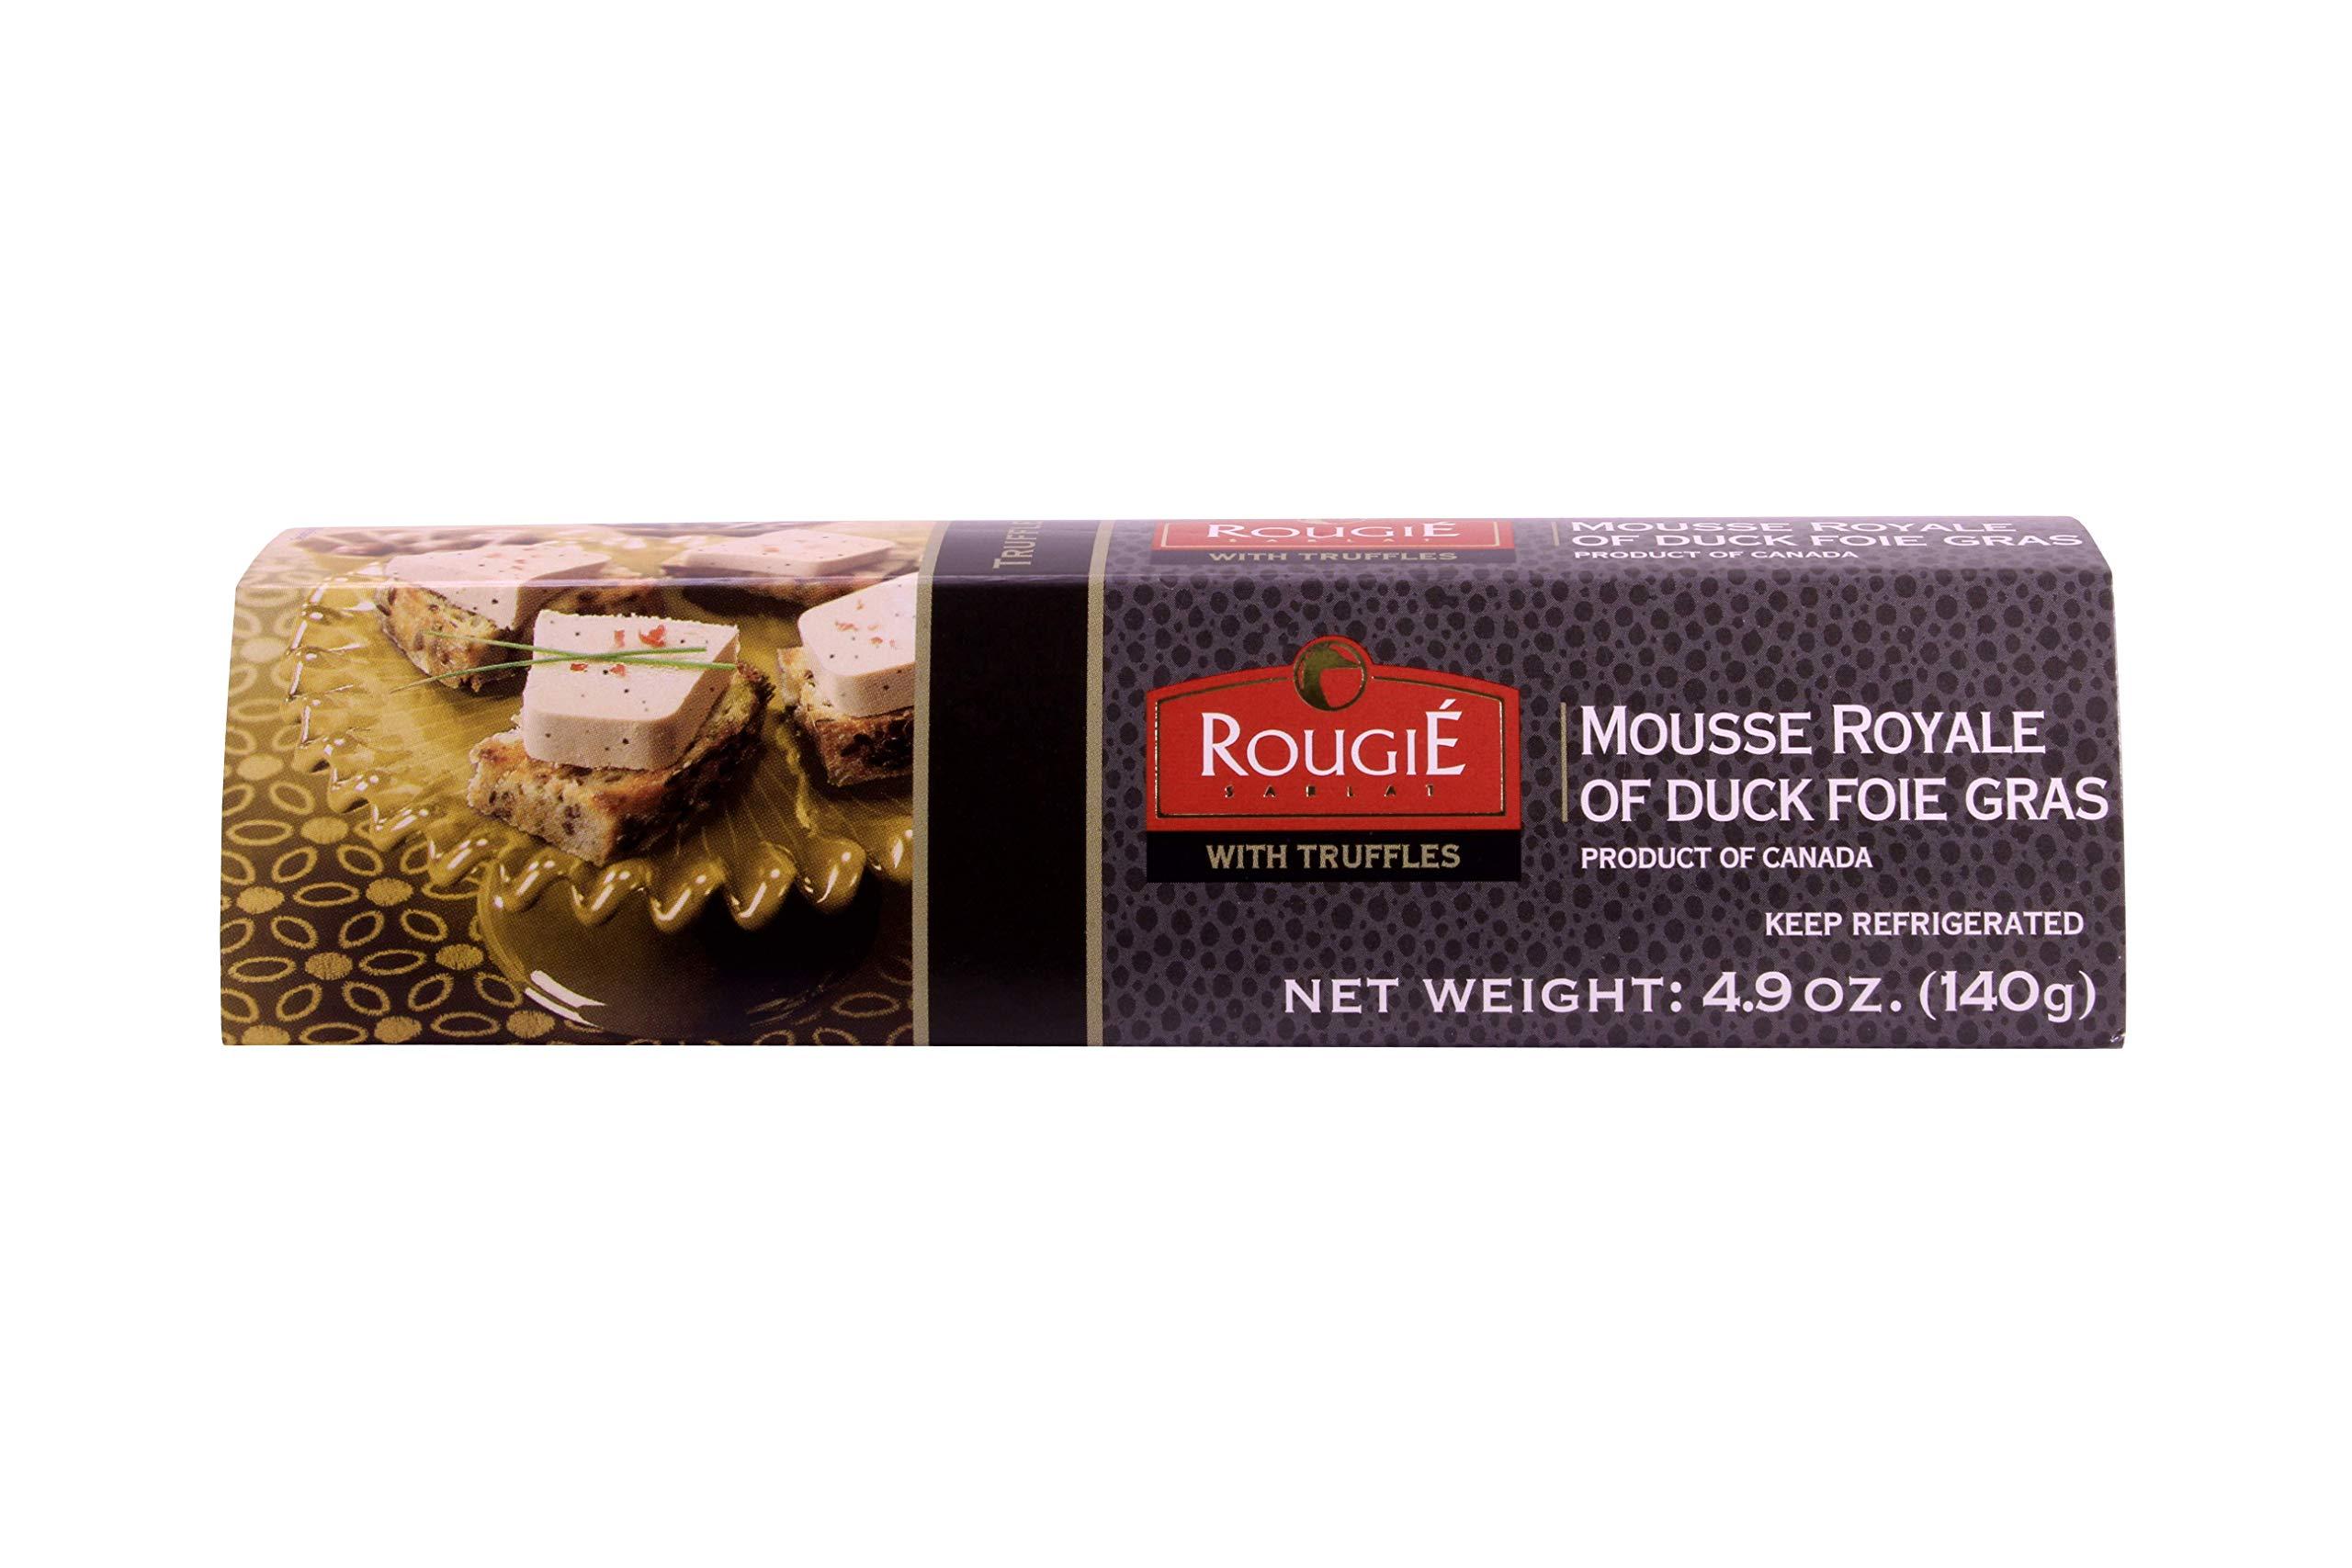 Mousse Royal of Duck Foie Gras w/ Truffles, 4.9 Ounce. Rougie